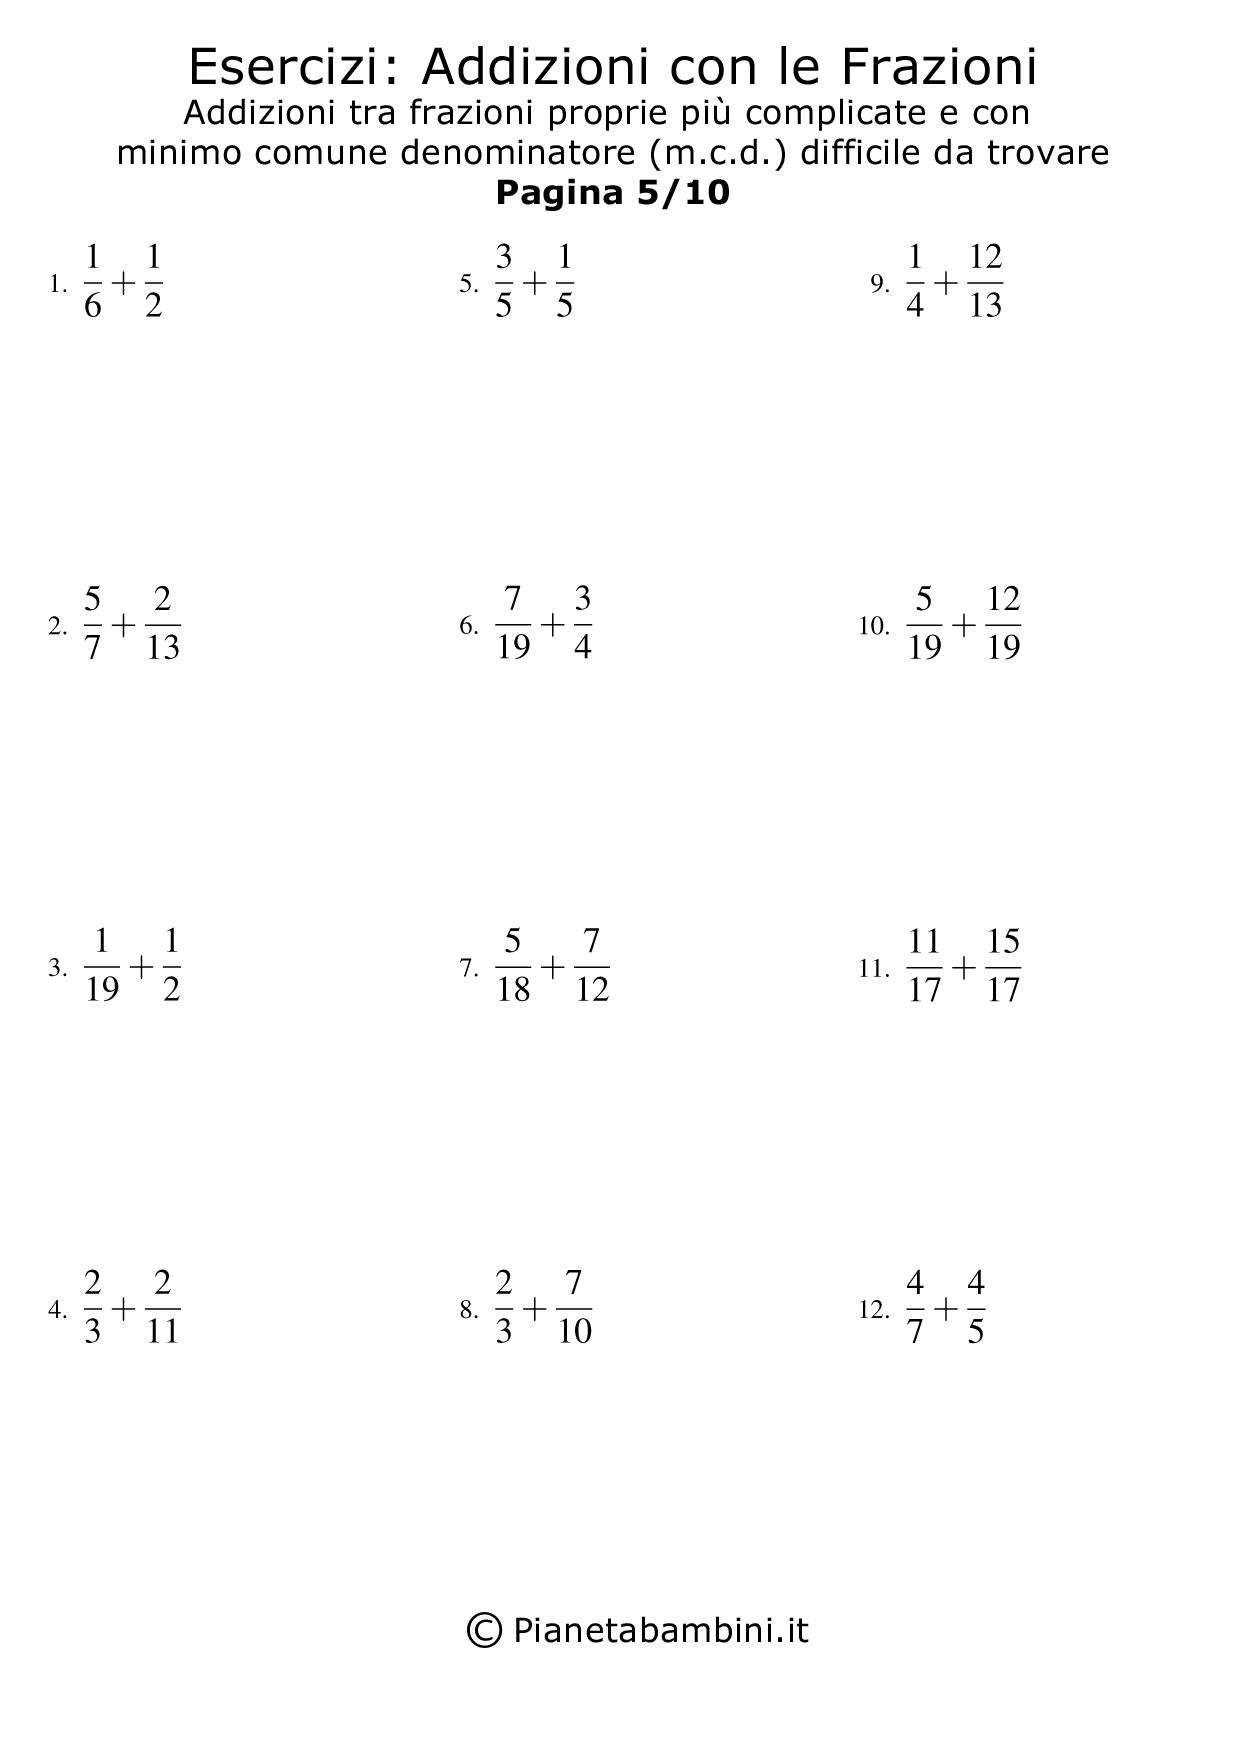 Frazioni-Difficili-m.c.d-difficile_05